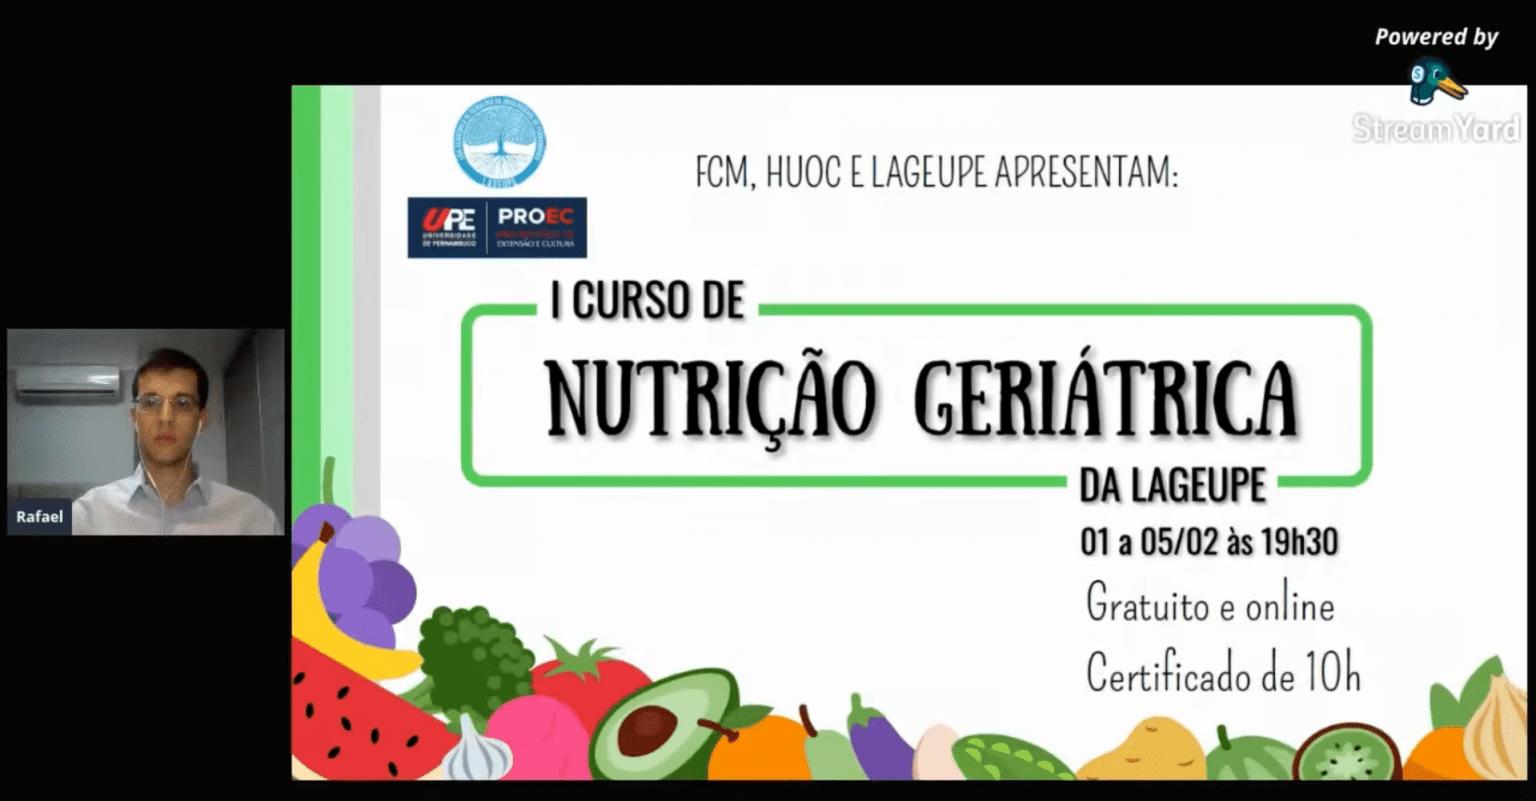 I Curso De Nutrição Geriátrica Da Lageupe - 1° Dia